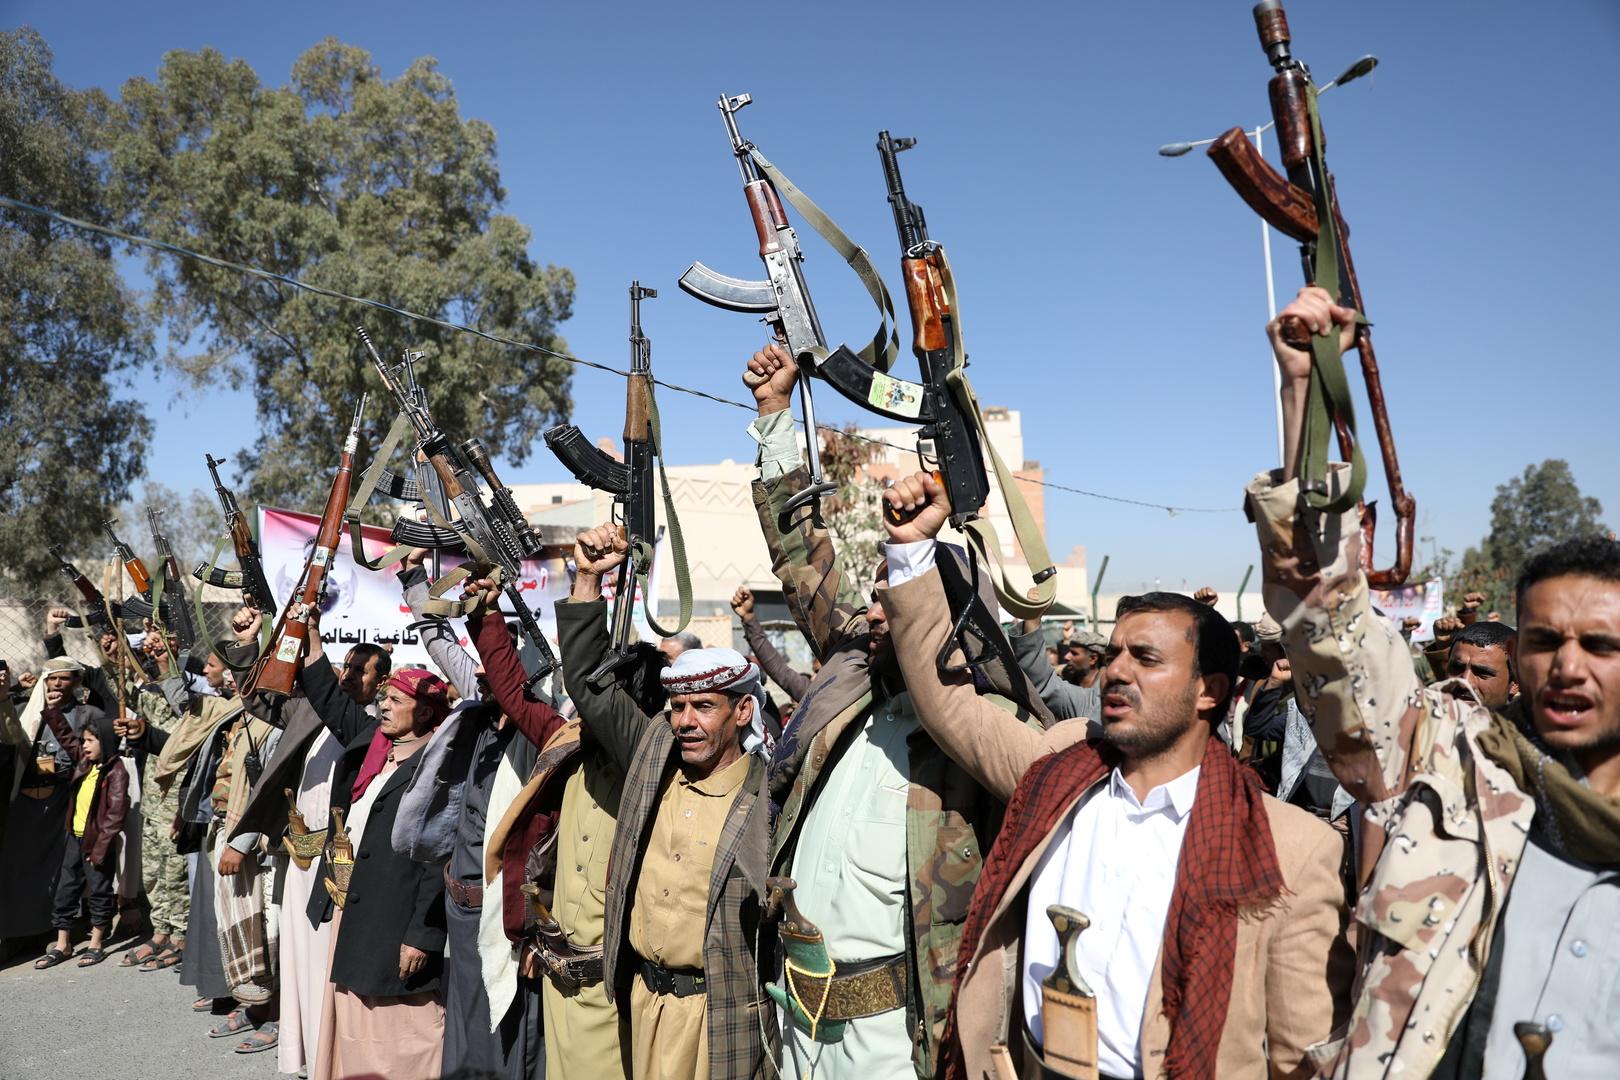 الحوثيون يعلنون تنفيذ هجوم على هدف حساس في مطار أبها السعودي بصاروخ بالستي